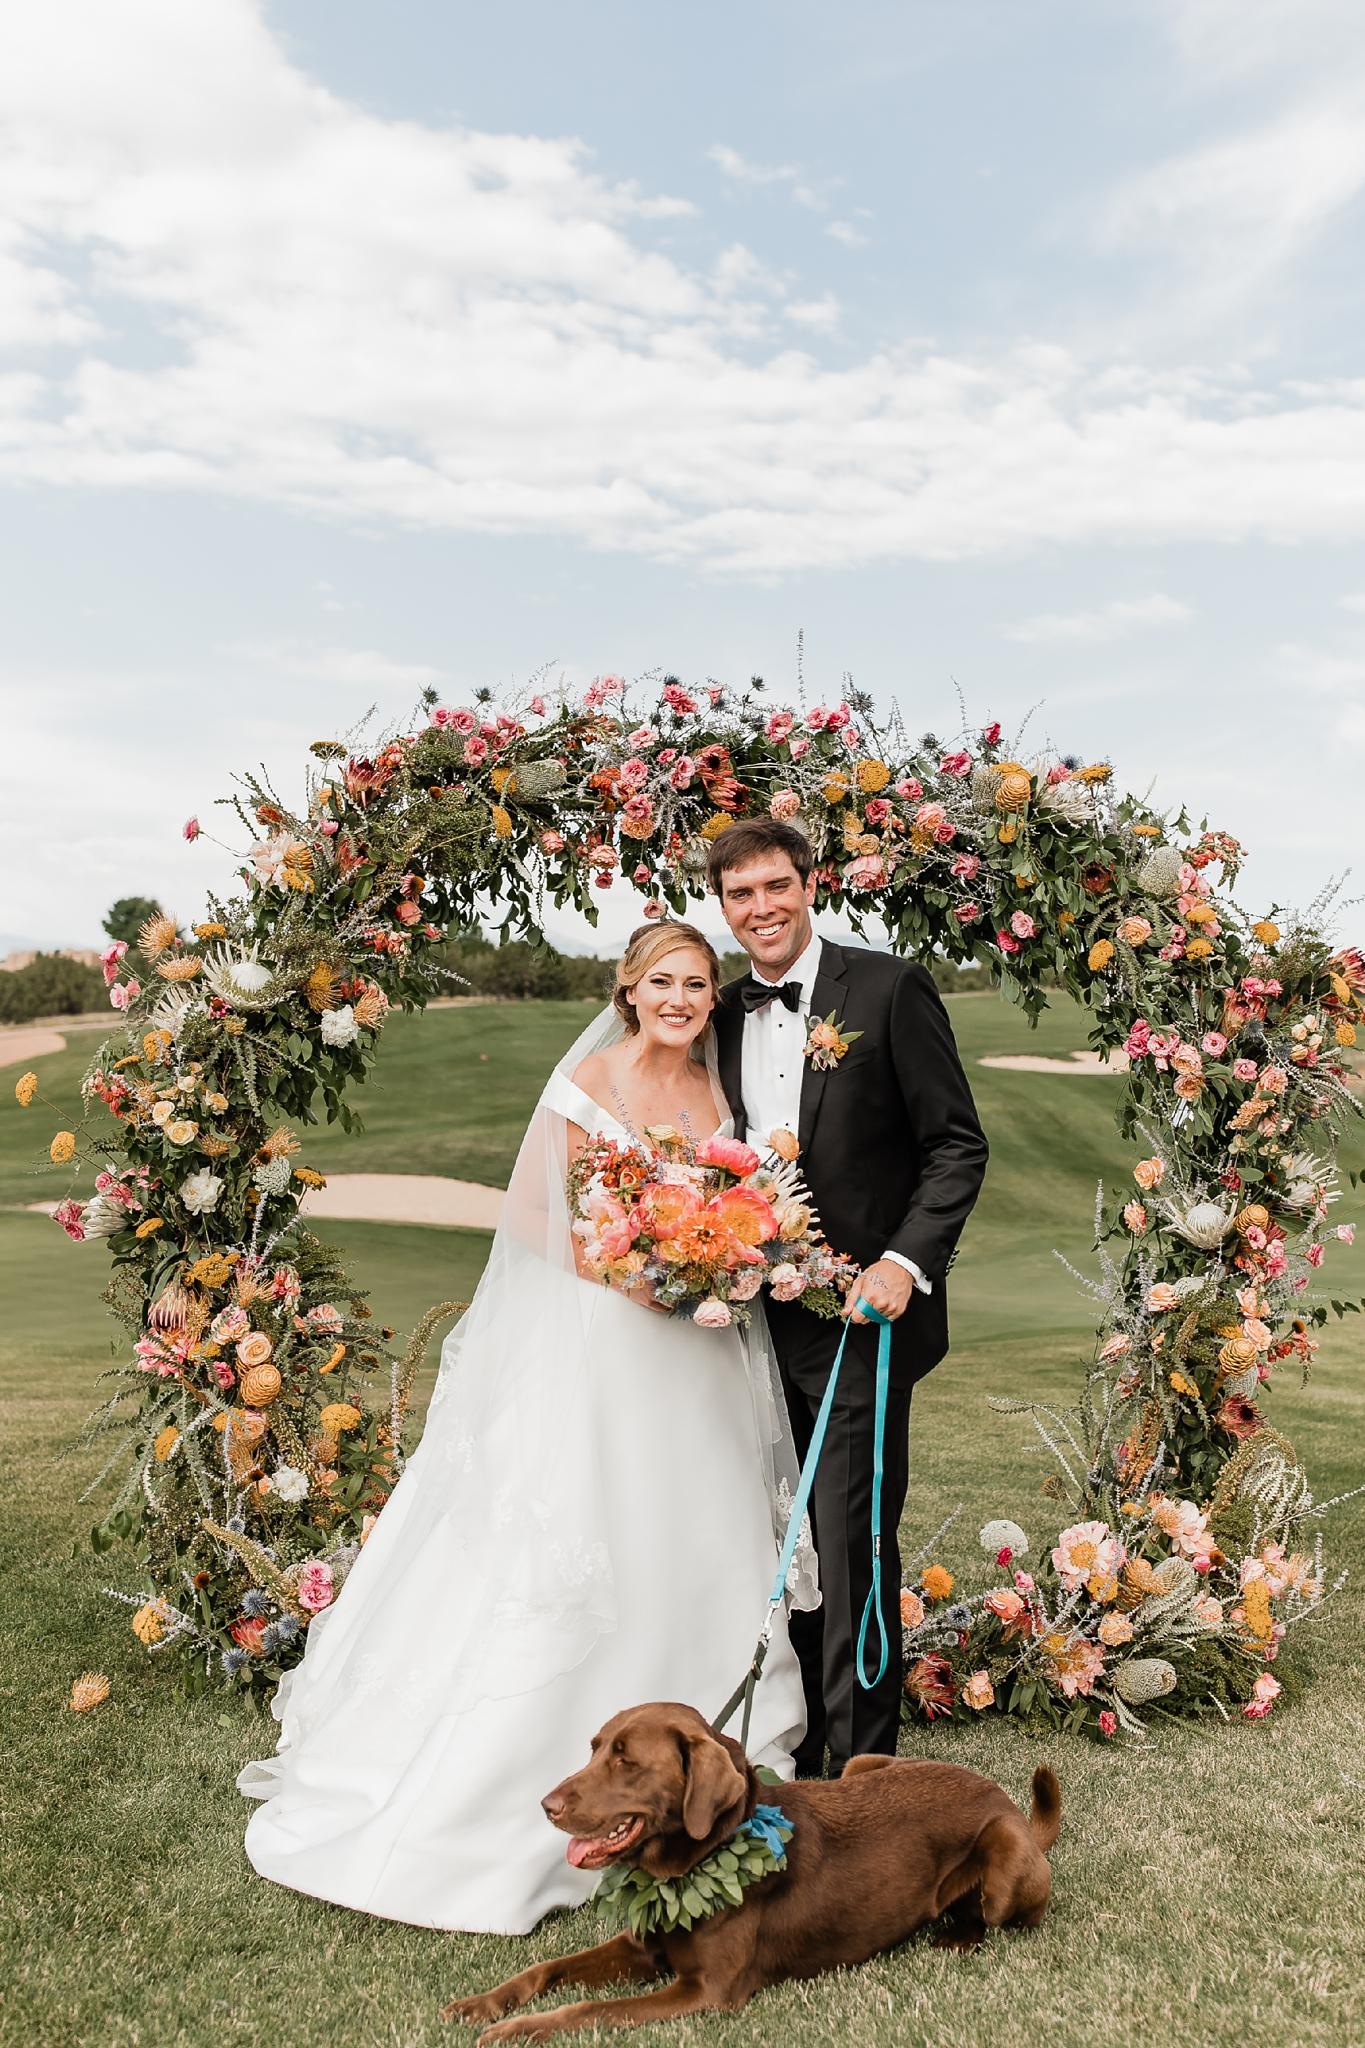 Alicia+lucia+photography+-+albuquerque+wedding+photographer+-+santa+fe+wedding+photography+-+new+mexico+wedding+photographer+-+new+mexico+wedding+-+las+campanas+wedding+-+santa+fe+wedding+-+maximalist+wedding+-+destination+wedding_0076.jpg